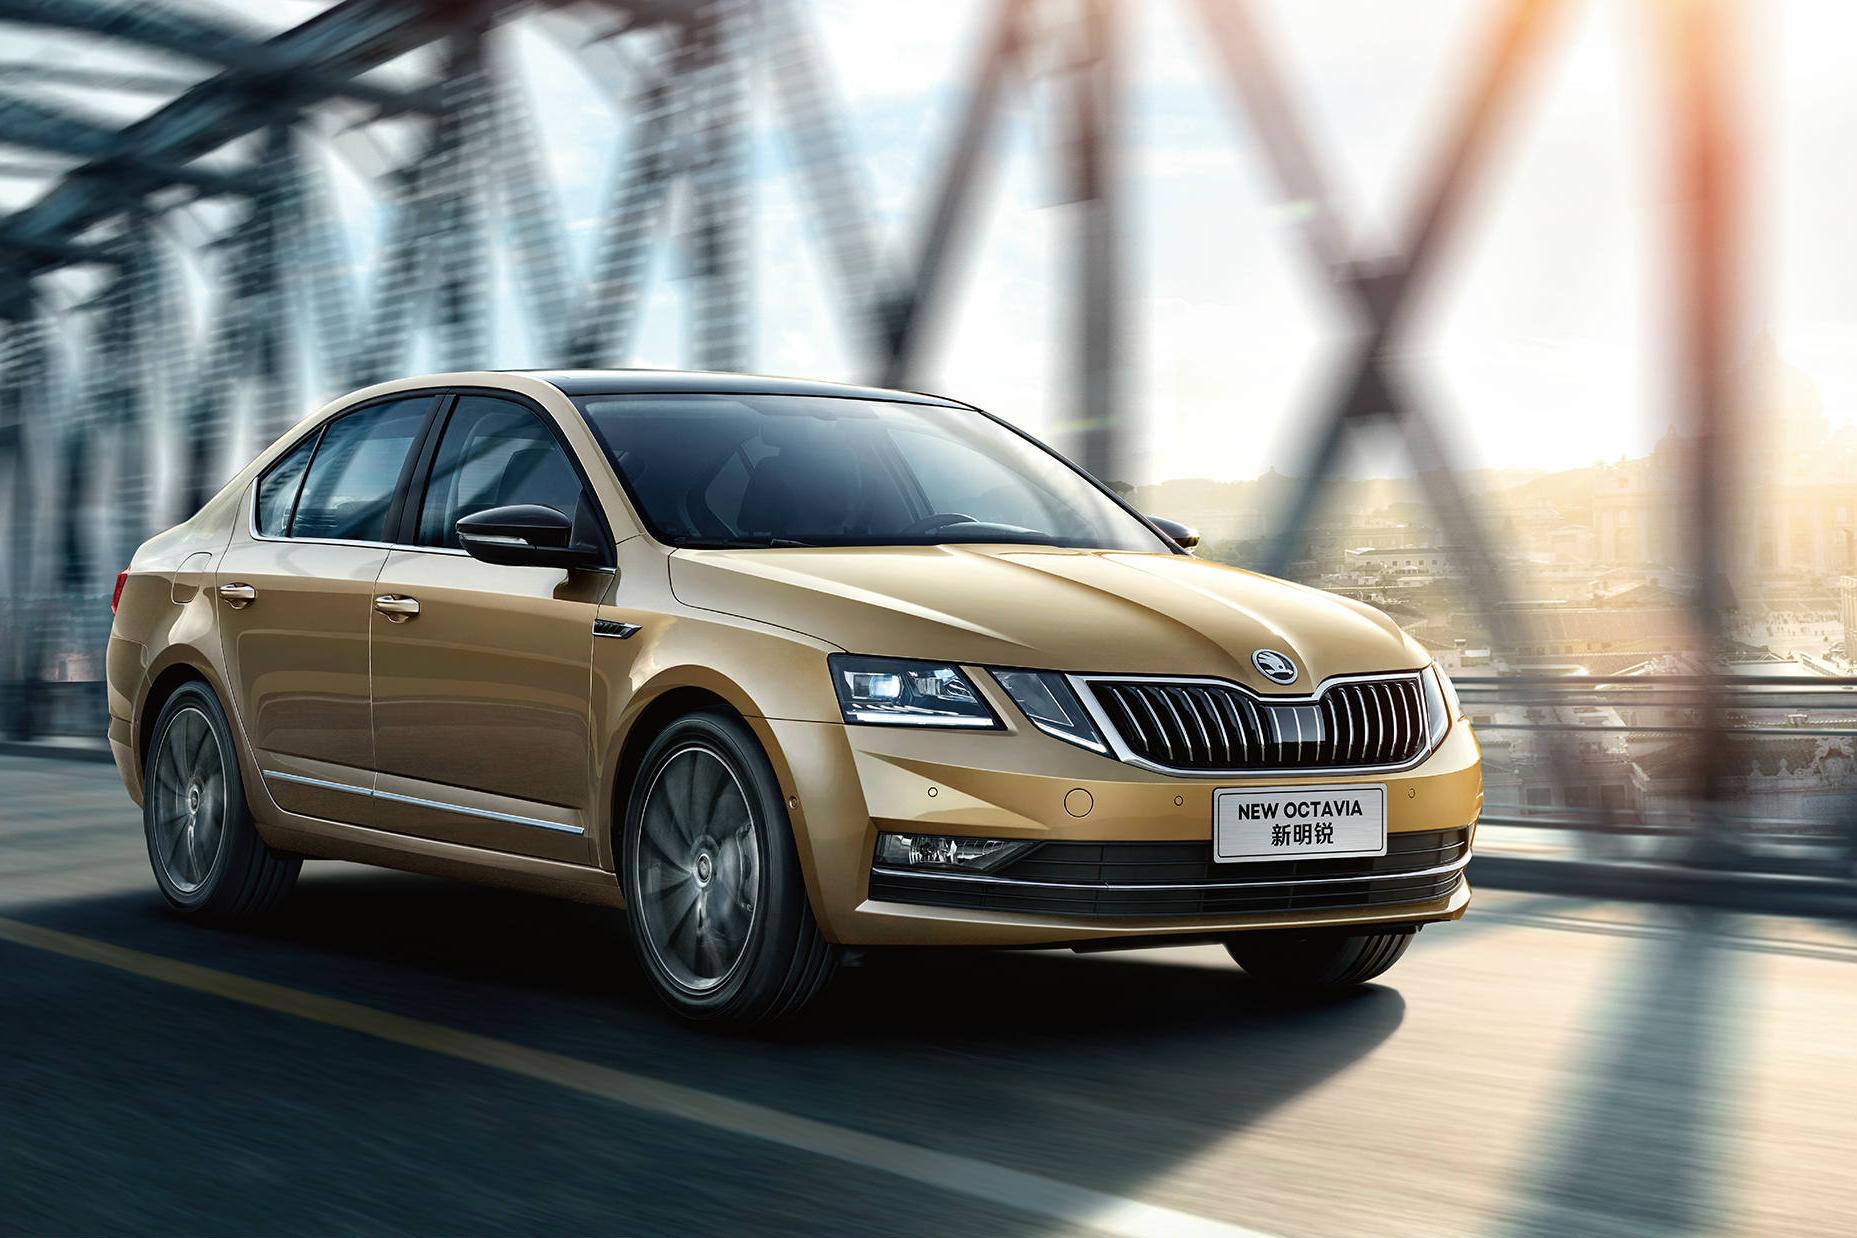 纯燃油紧凑级车油耗大比拼,哪款车才是省油冠军?